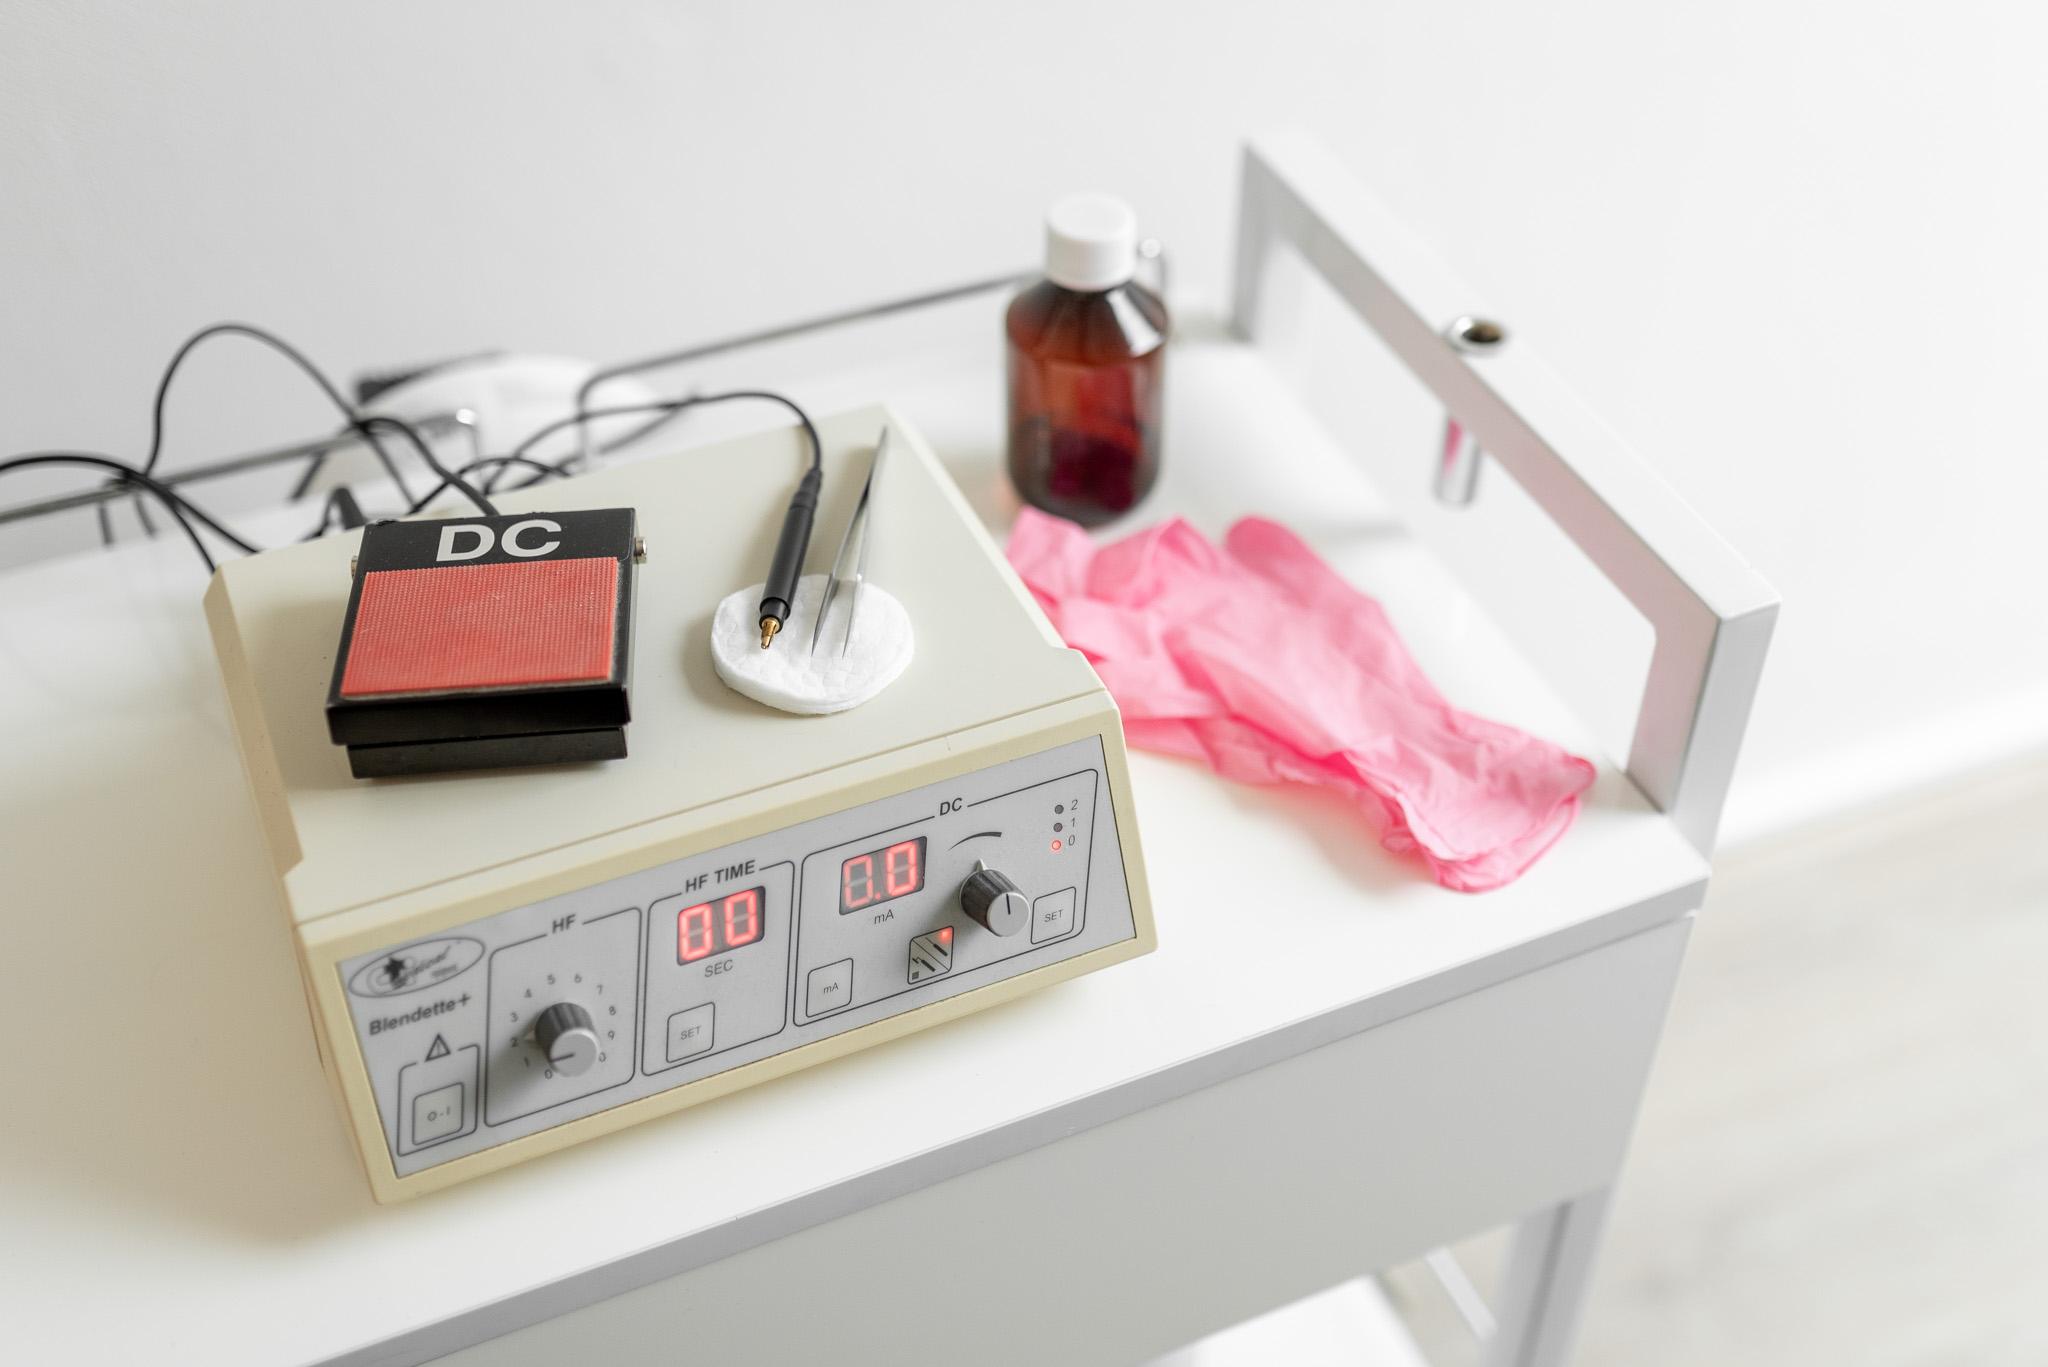 Elektrische Epilatie Behandeling bij Huidzorg Balans. Praktijk voor huidtherapie, huidverbetering, oedeemtherapie, lasertherapie.